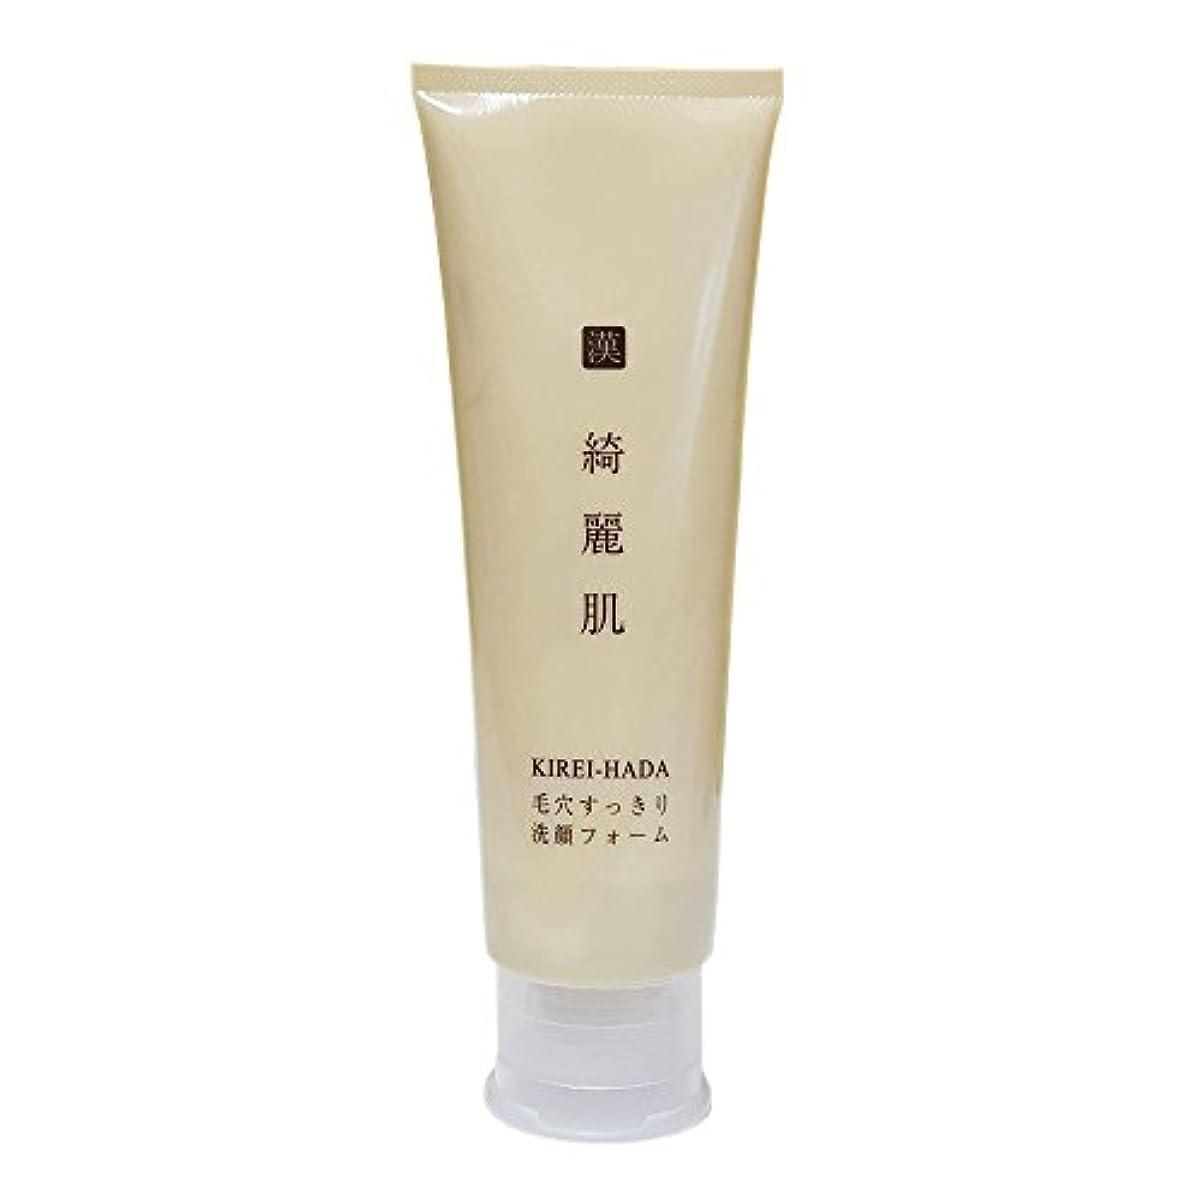 他の日ステートメント良性毛穴すっきり 洗顔フォーム パラベンフリー120g